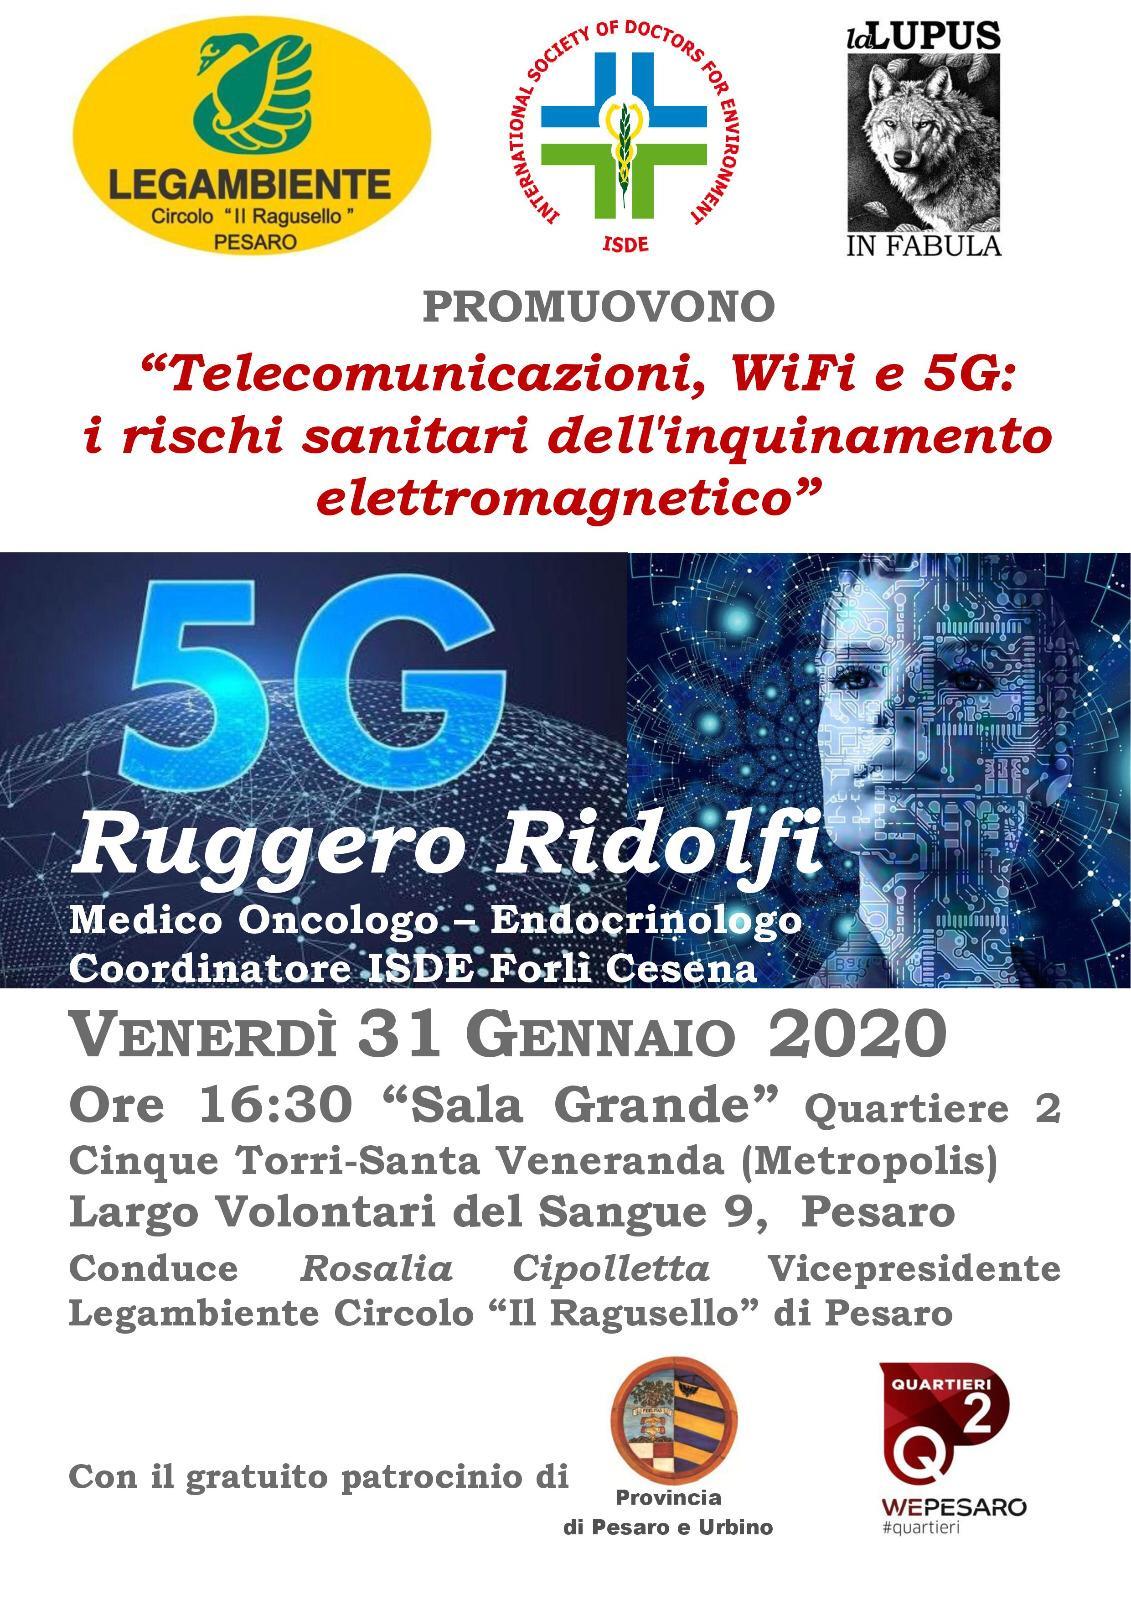 Telecomunicazioni, WiFi e 5G: i rischi sanitari dell'inquinamento eletromagnetico